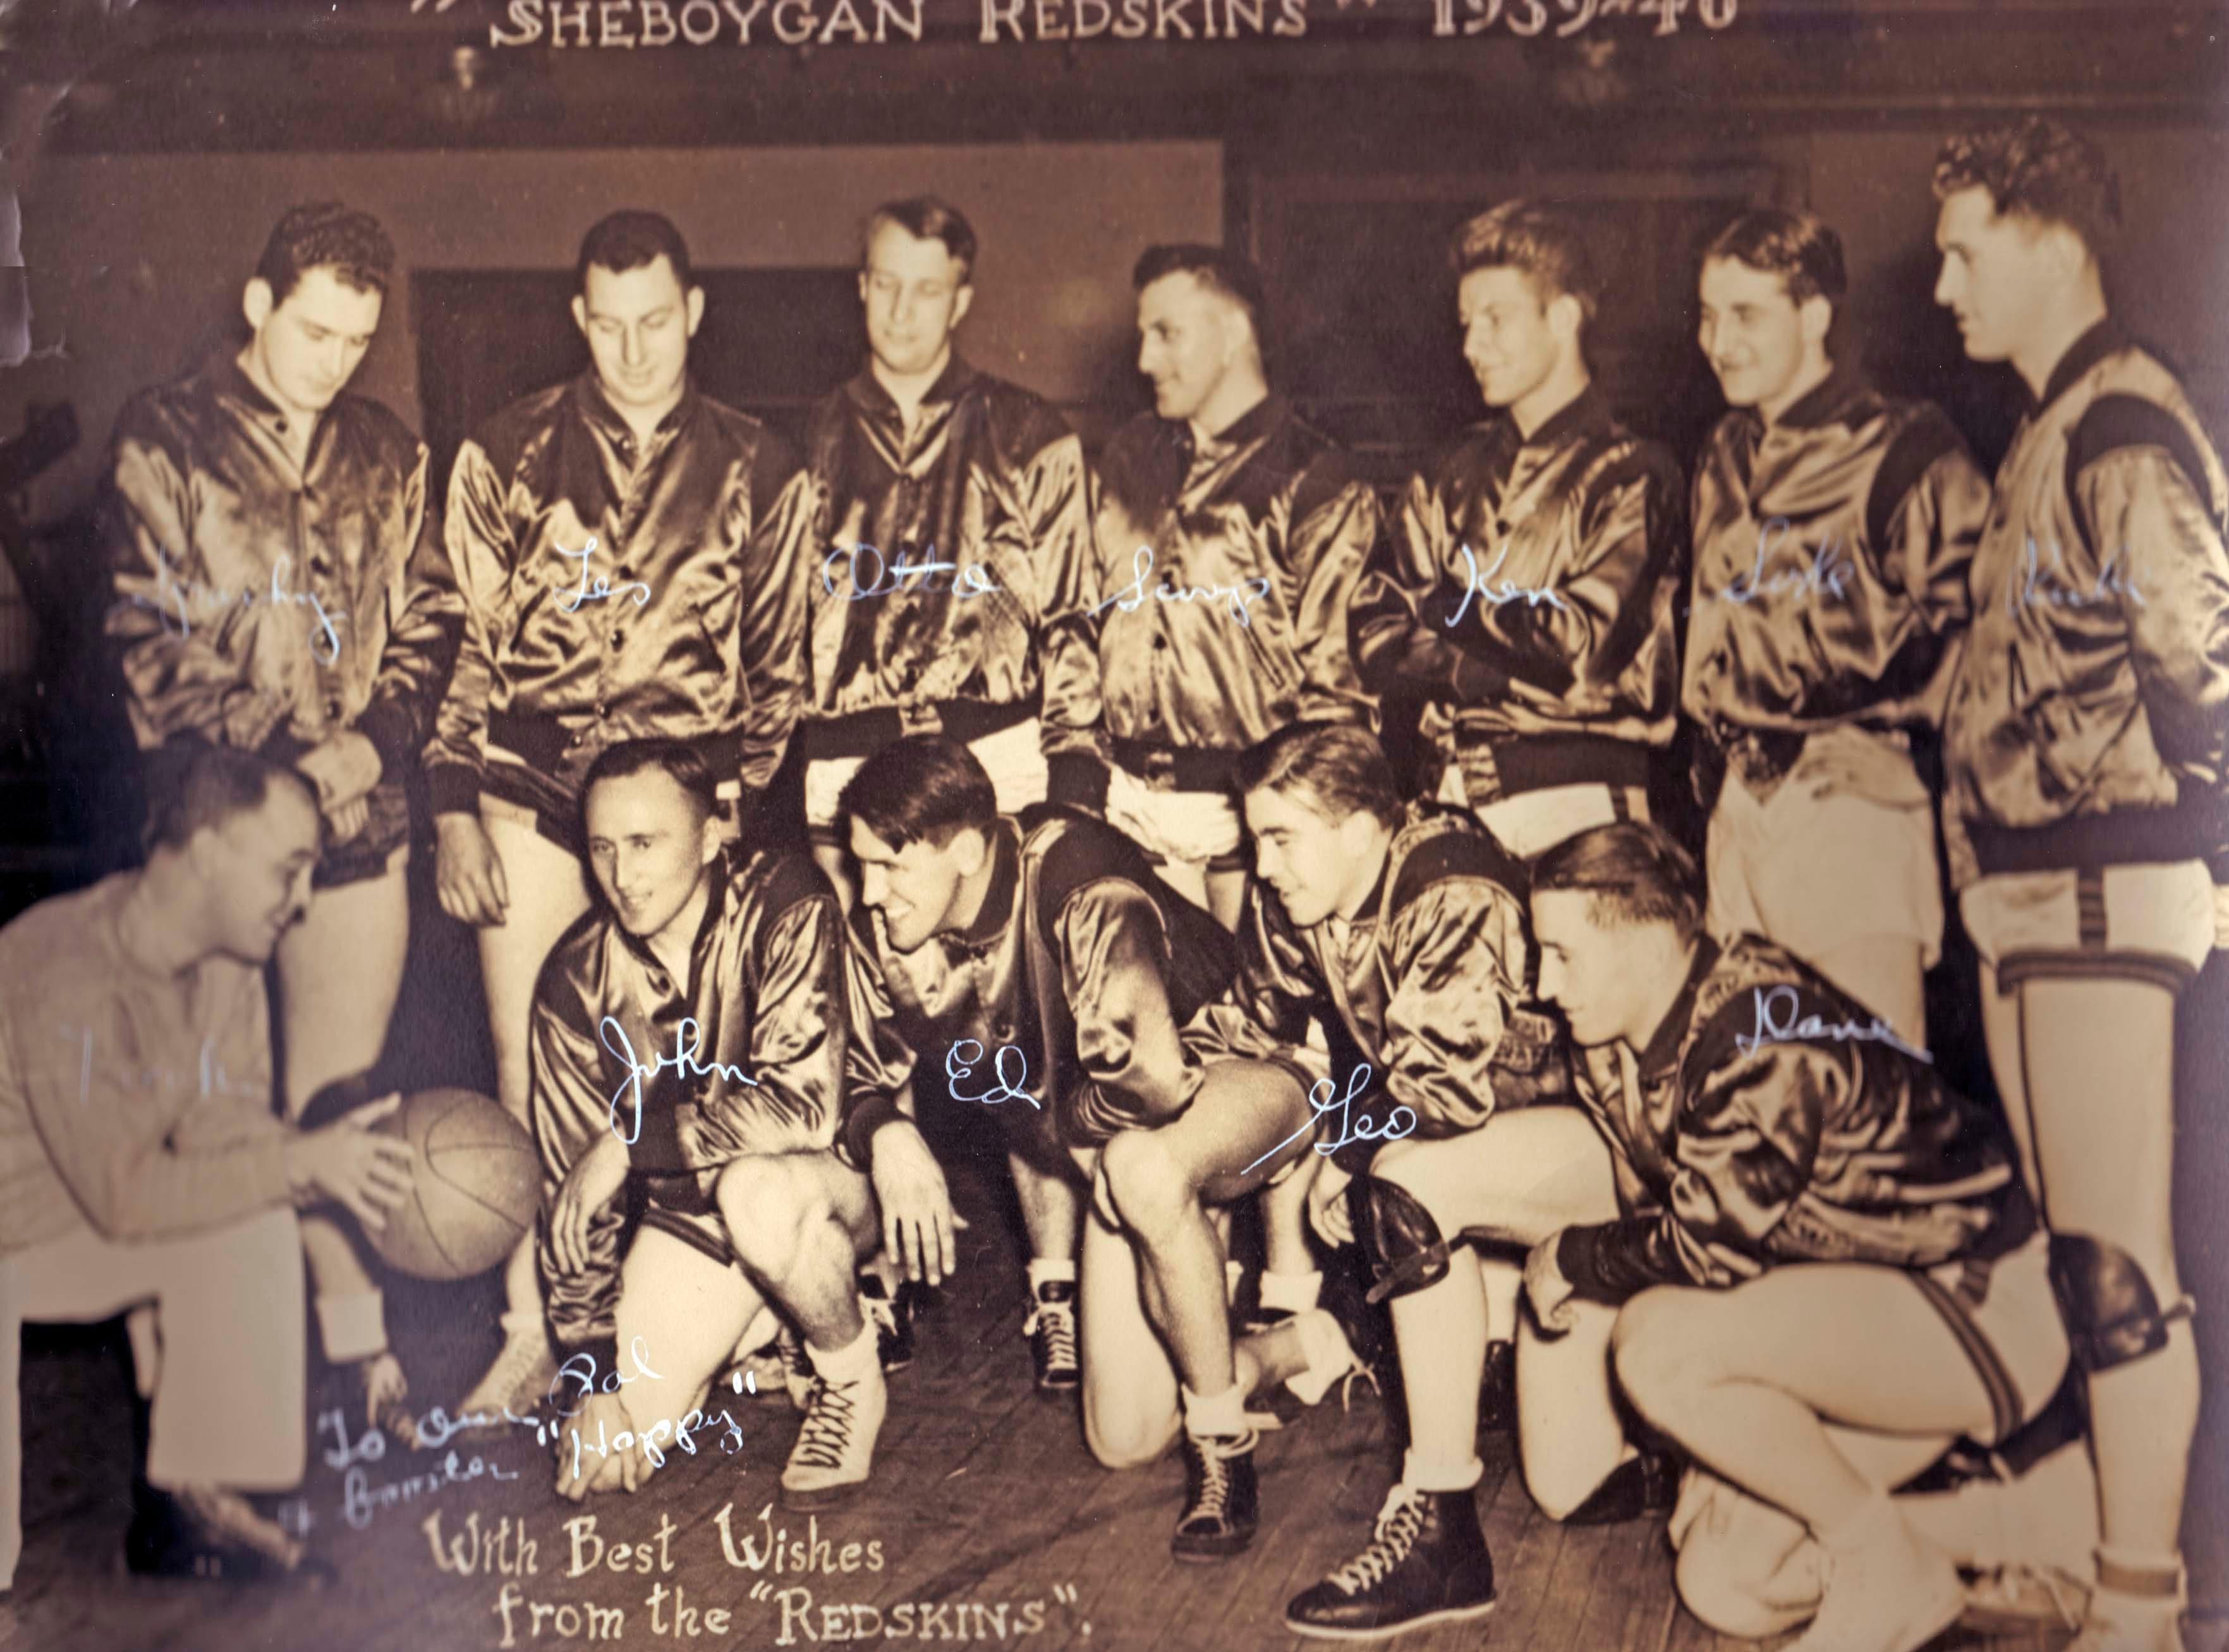 Sheboygan Redskins 1939-1940